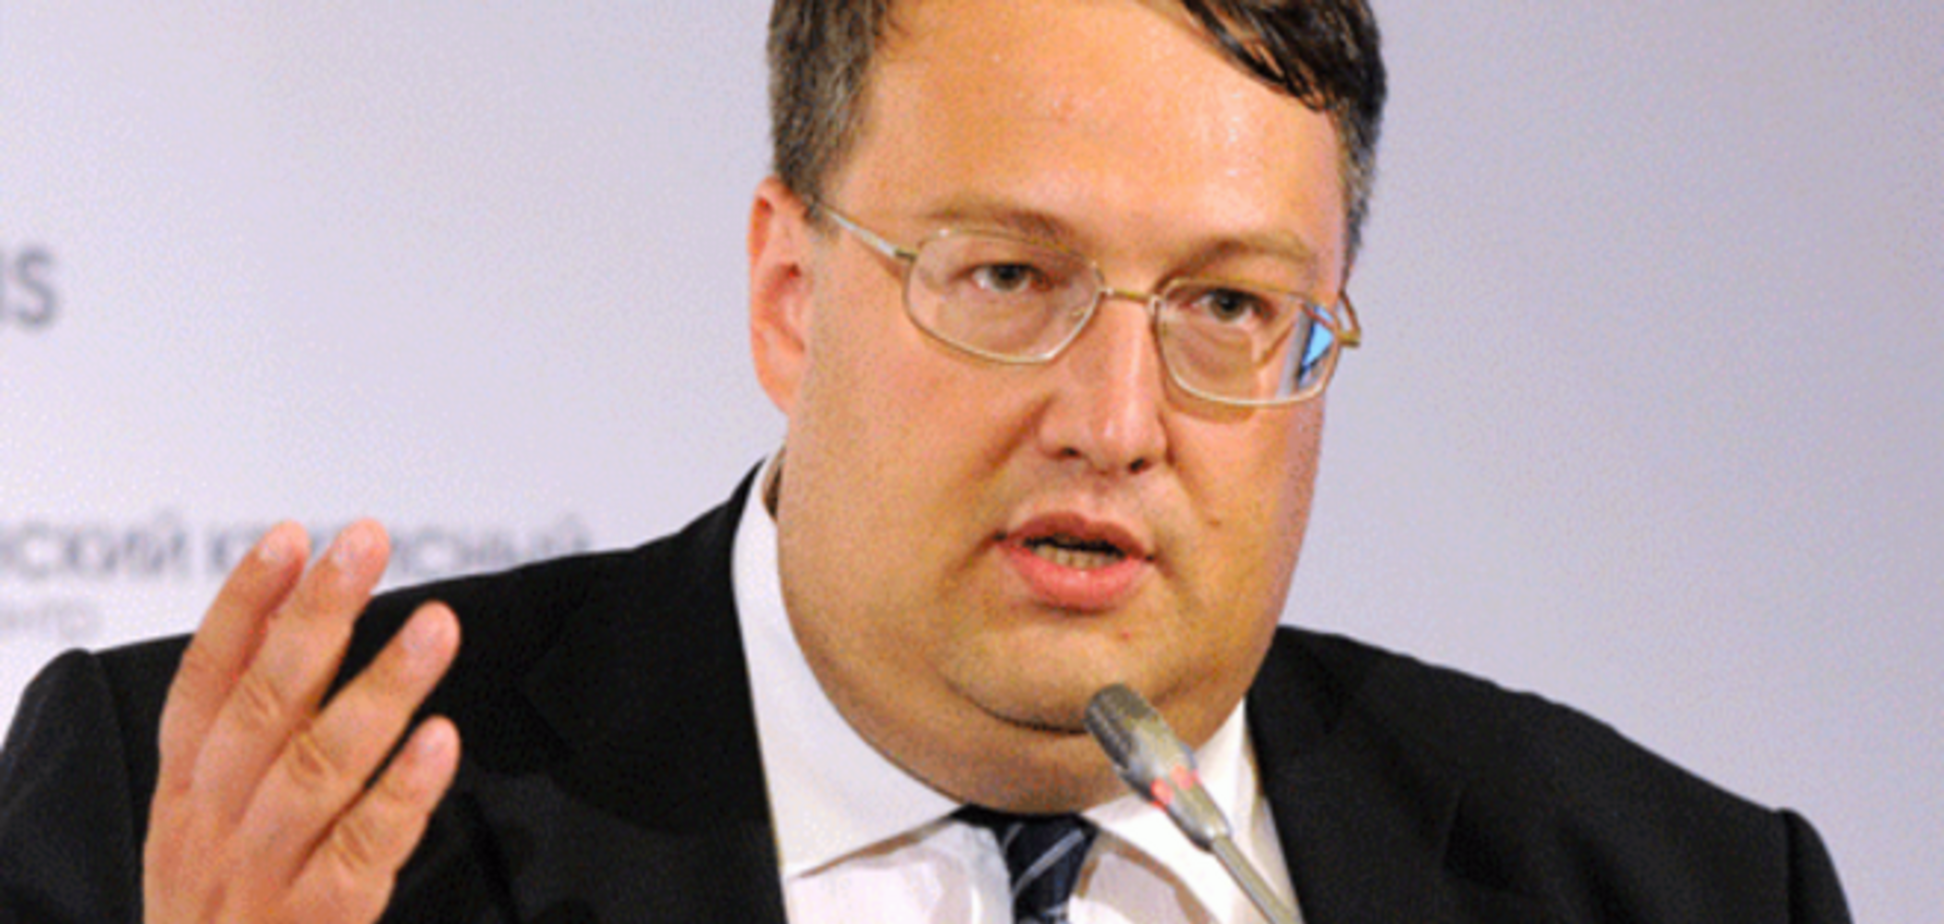 Как худеют политики: Геращенко сбросил 16 кг, а Тимошенко села на строгую диету